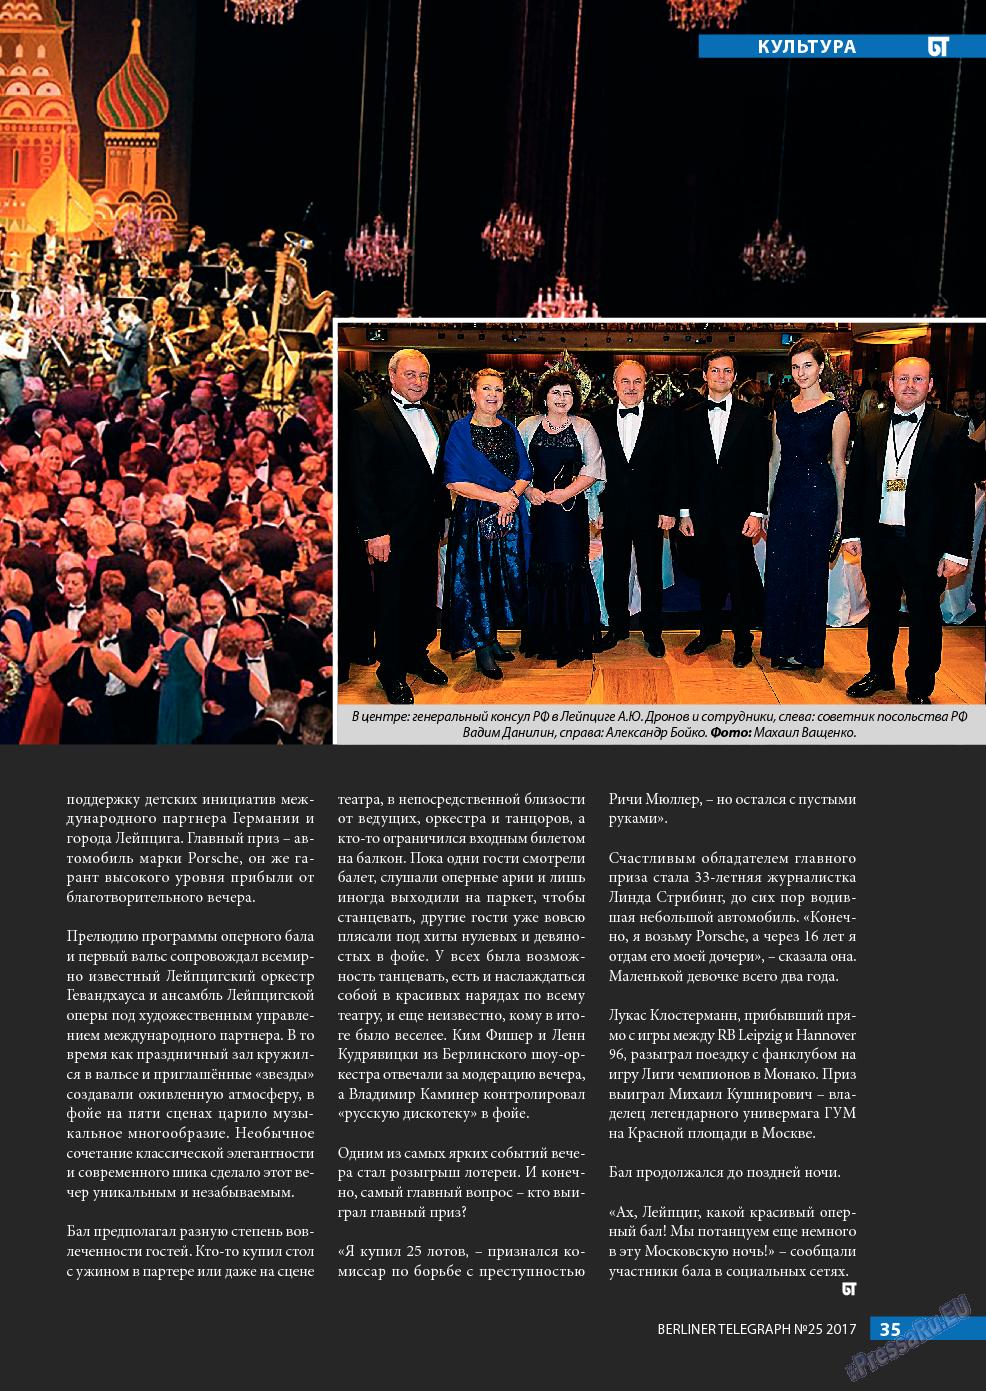 Берлинский телеграф (журнал). 2017 год, номер 25, стр. 35